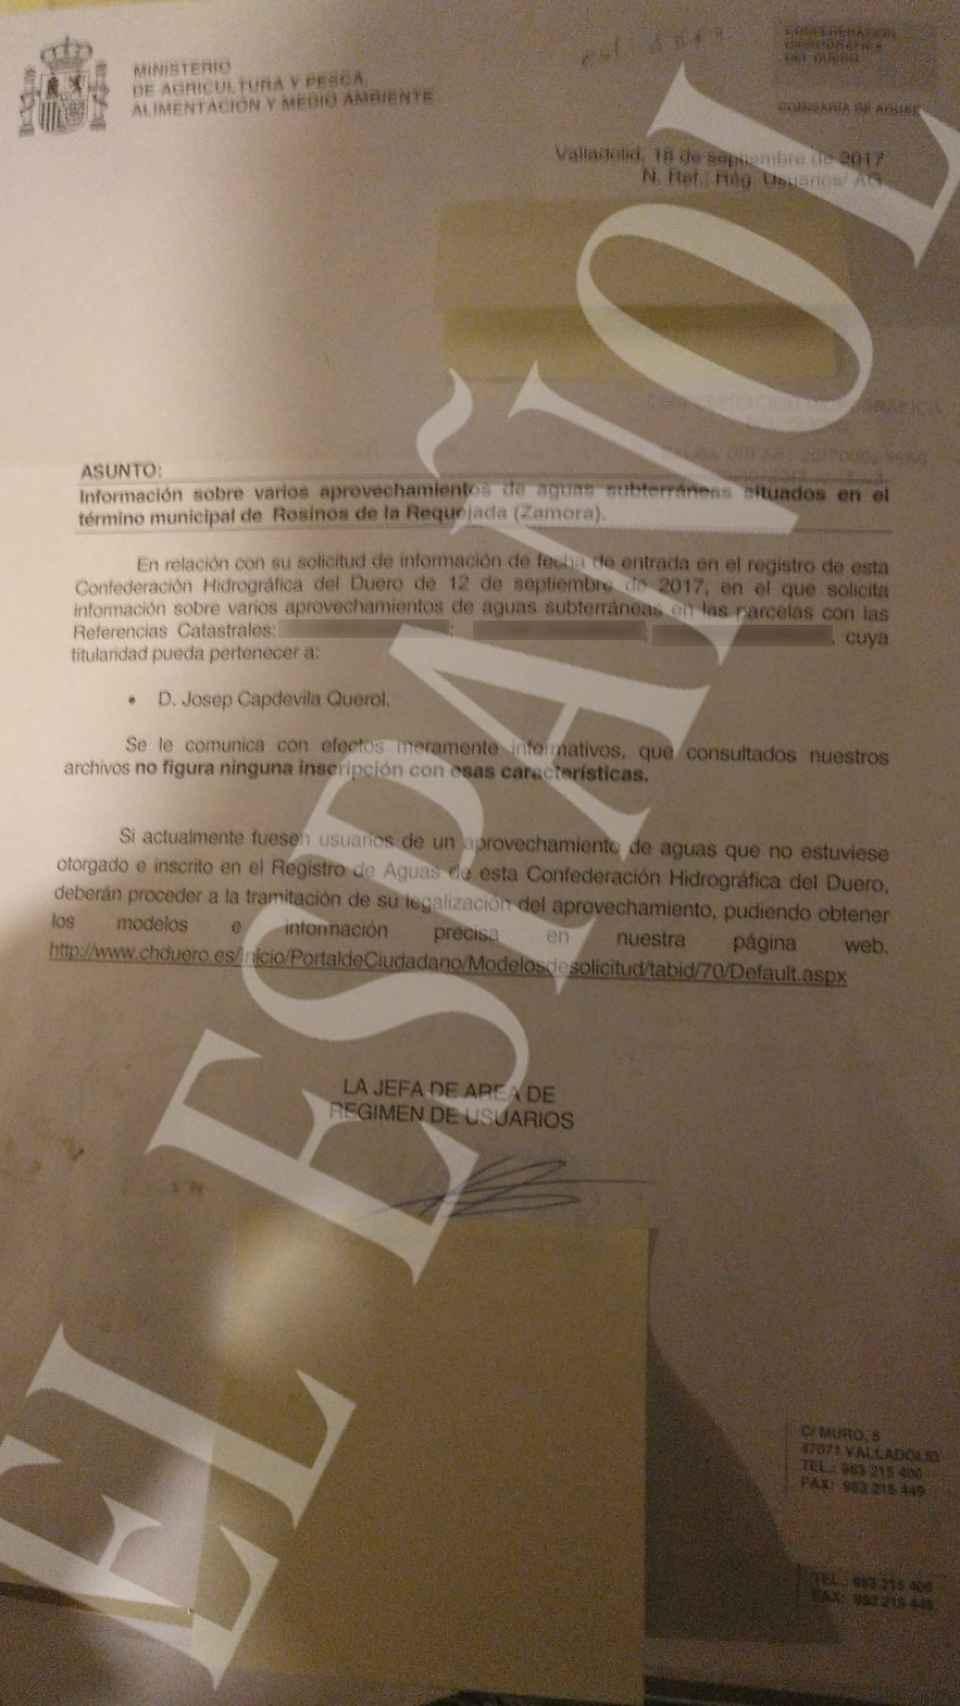 El documento que acredita que estos pozos no figuran en el registro.